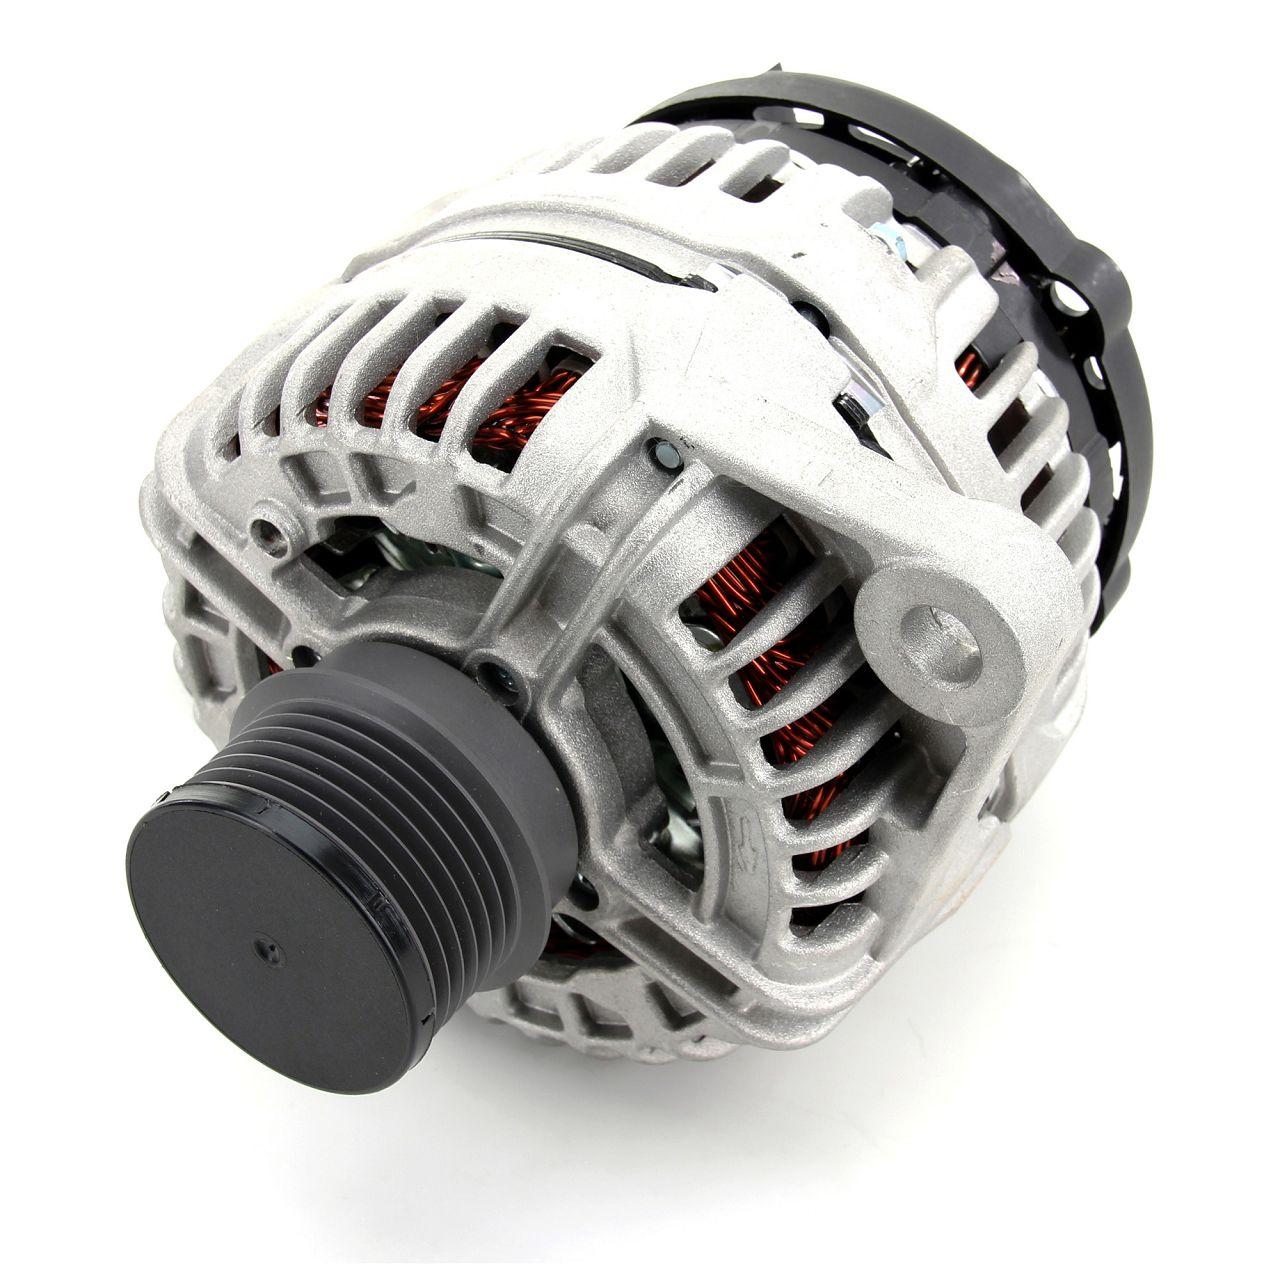 Lichtmaschine Generator 140A für Opel Astra H Signum Vectra C Zafira B 1.9CDTI